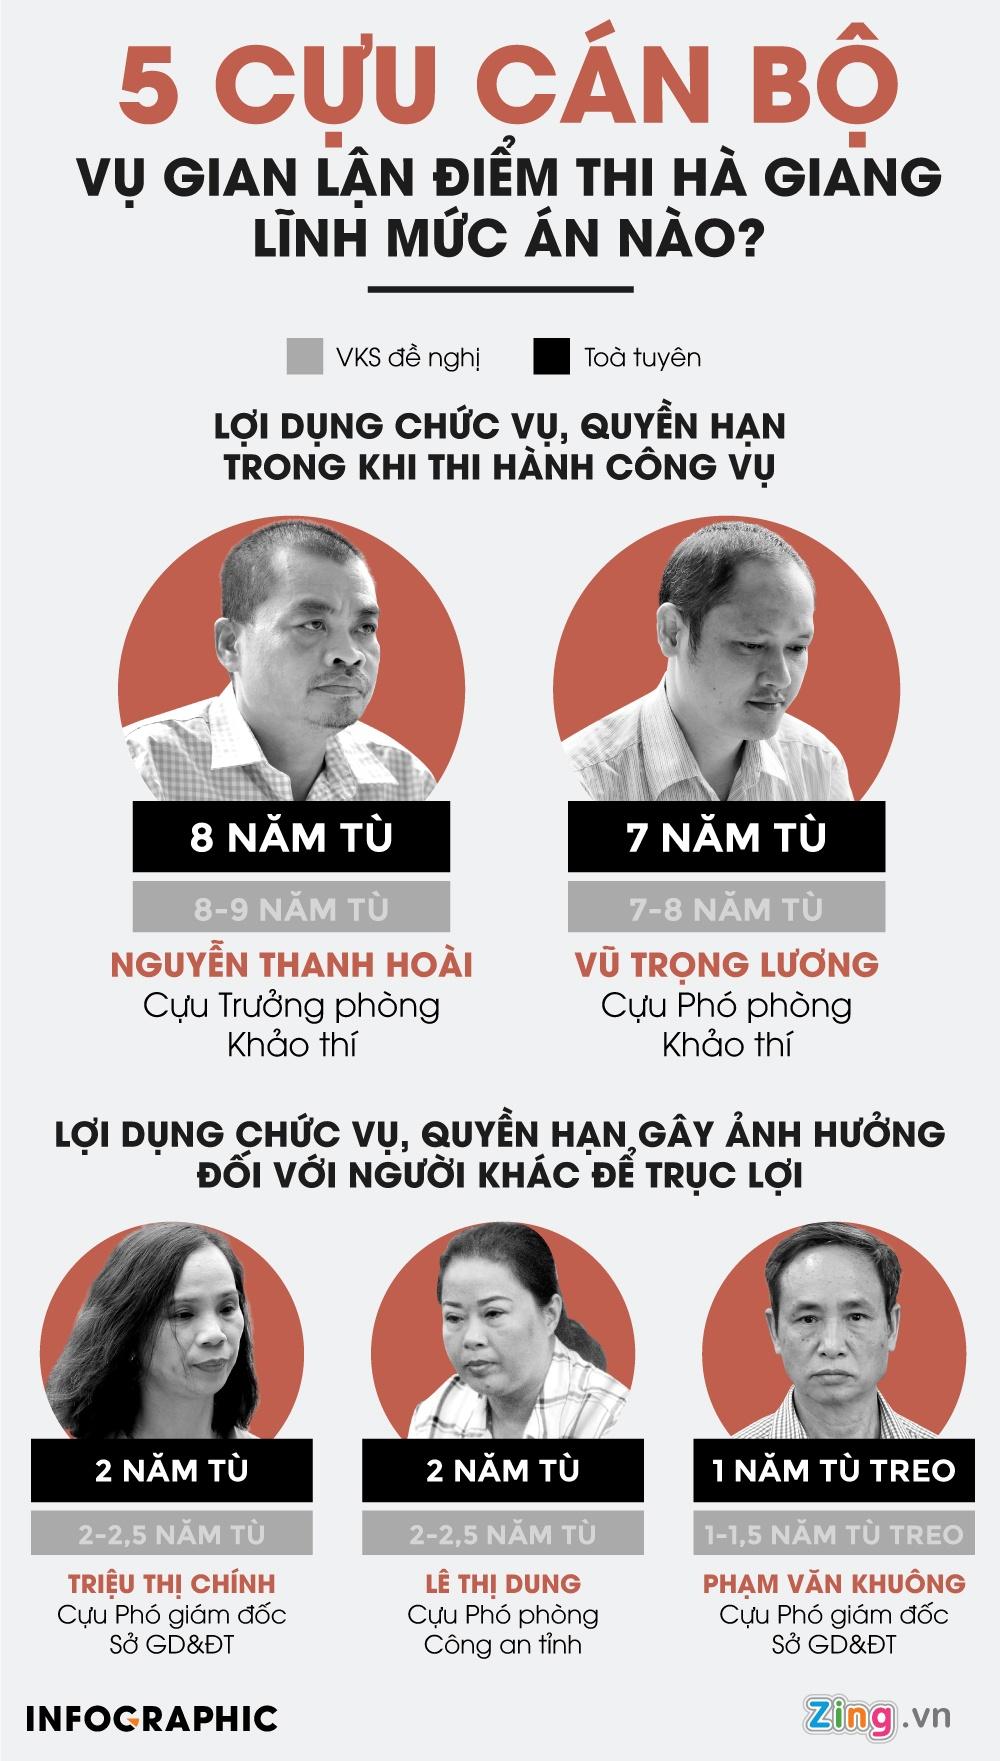 Tuyen an vu nang diem thi Ha Giang anh 4